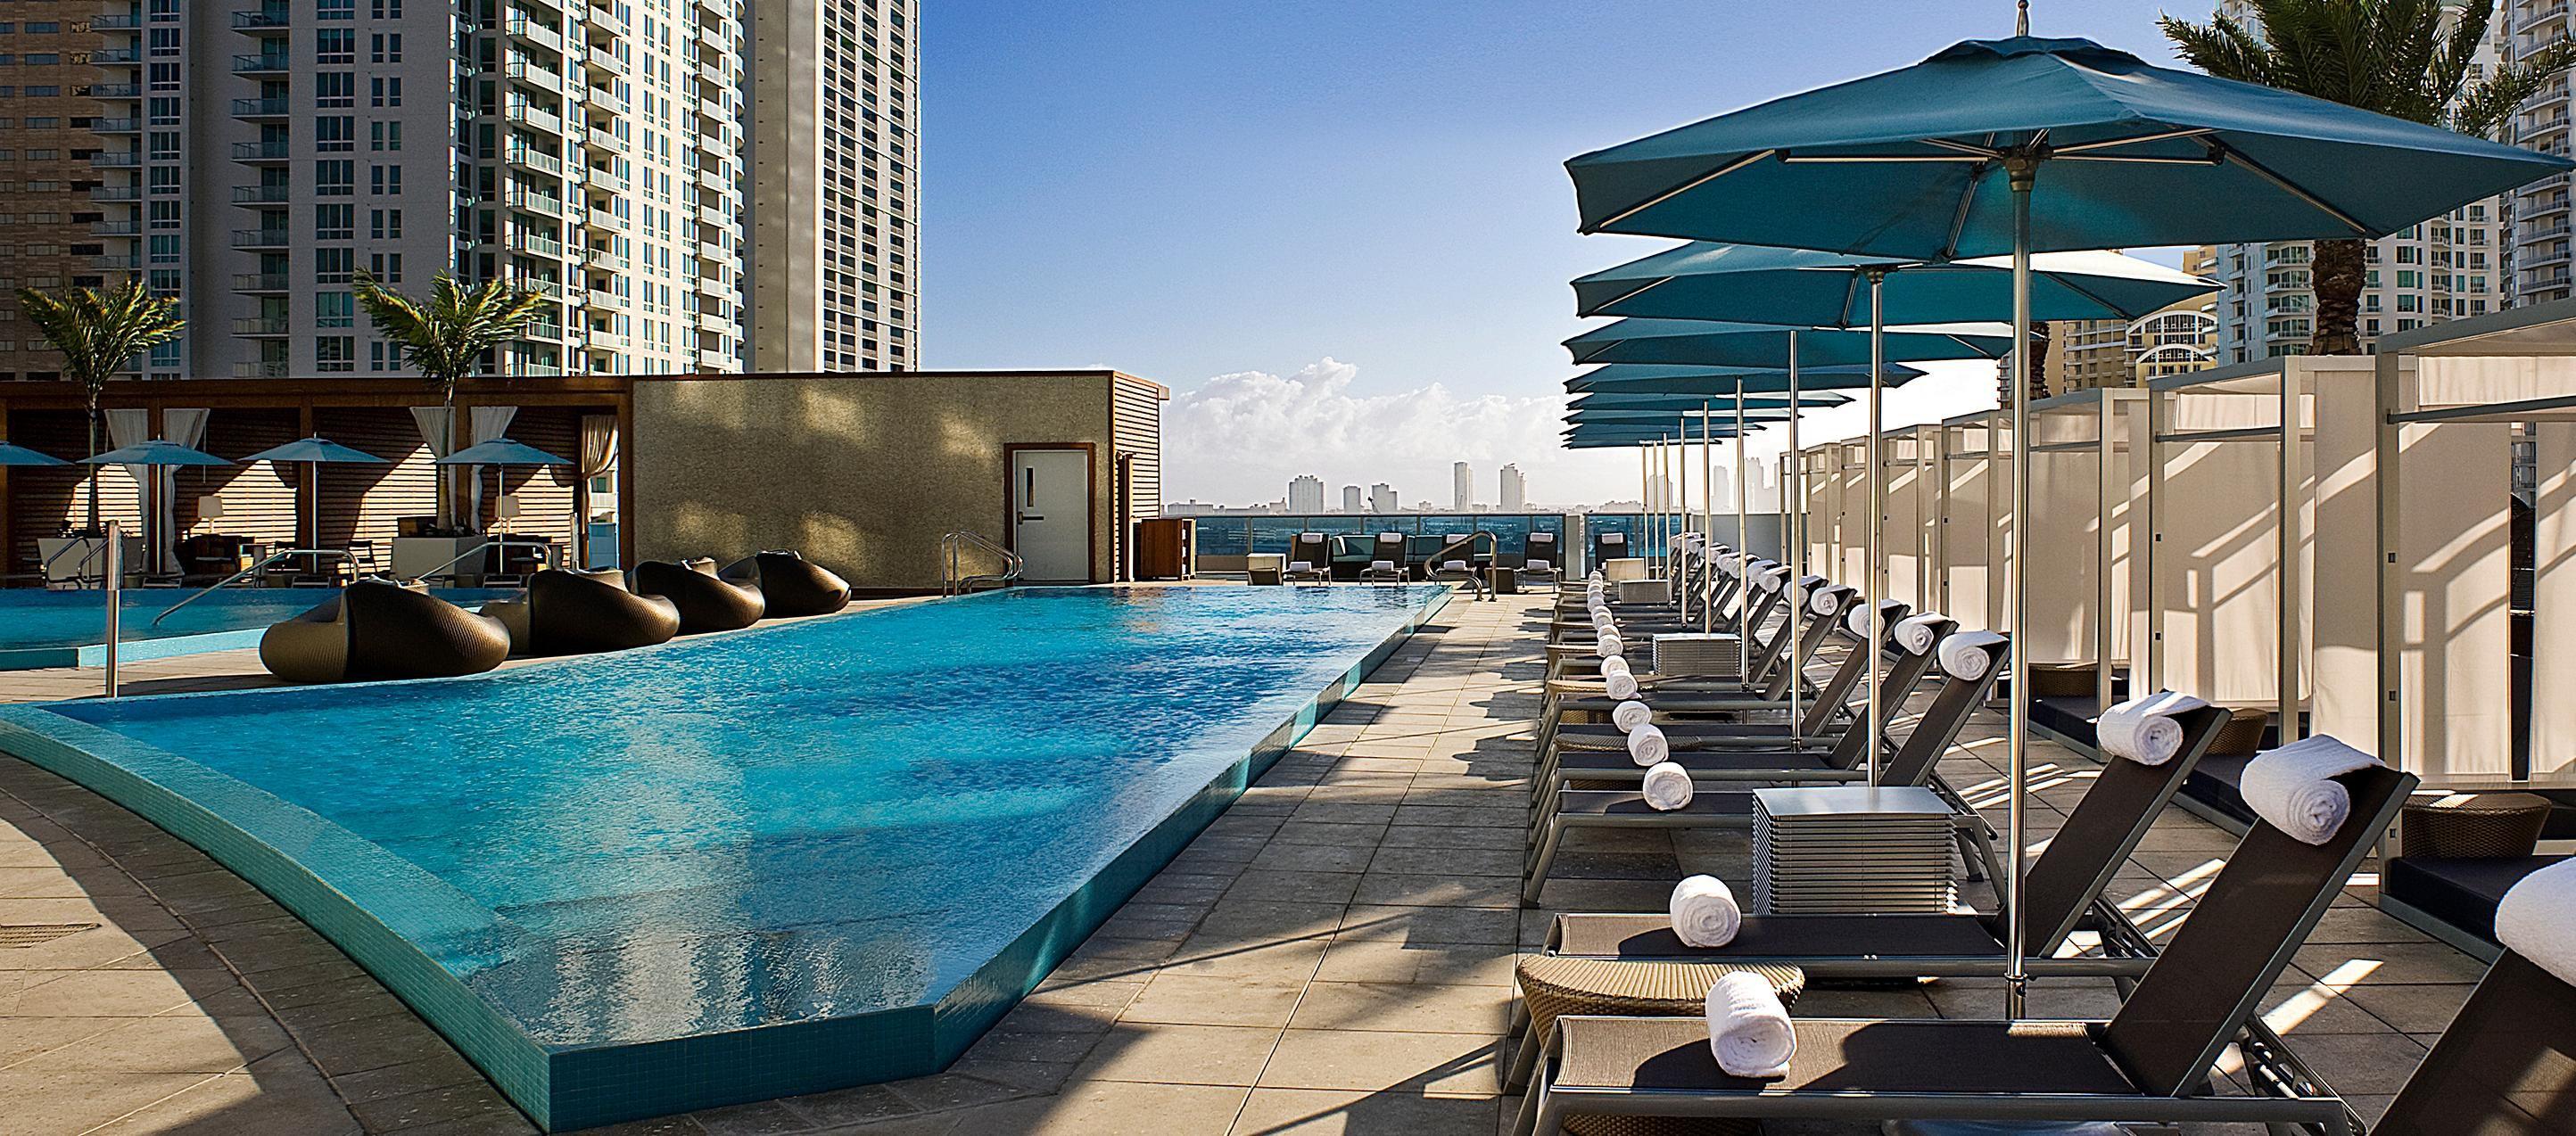 Kimpton Miami 4260487971 34x15 Epic Hotel